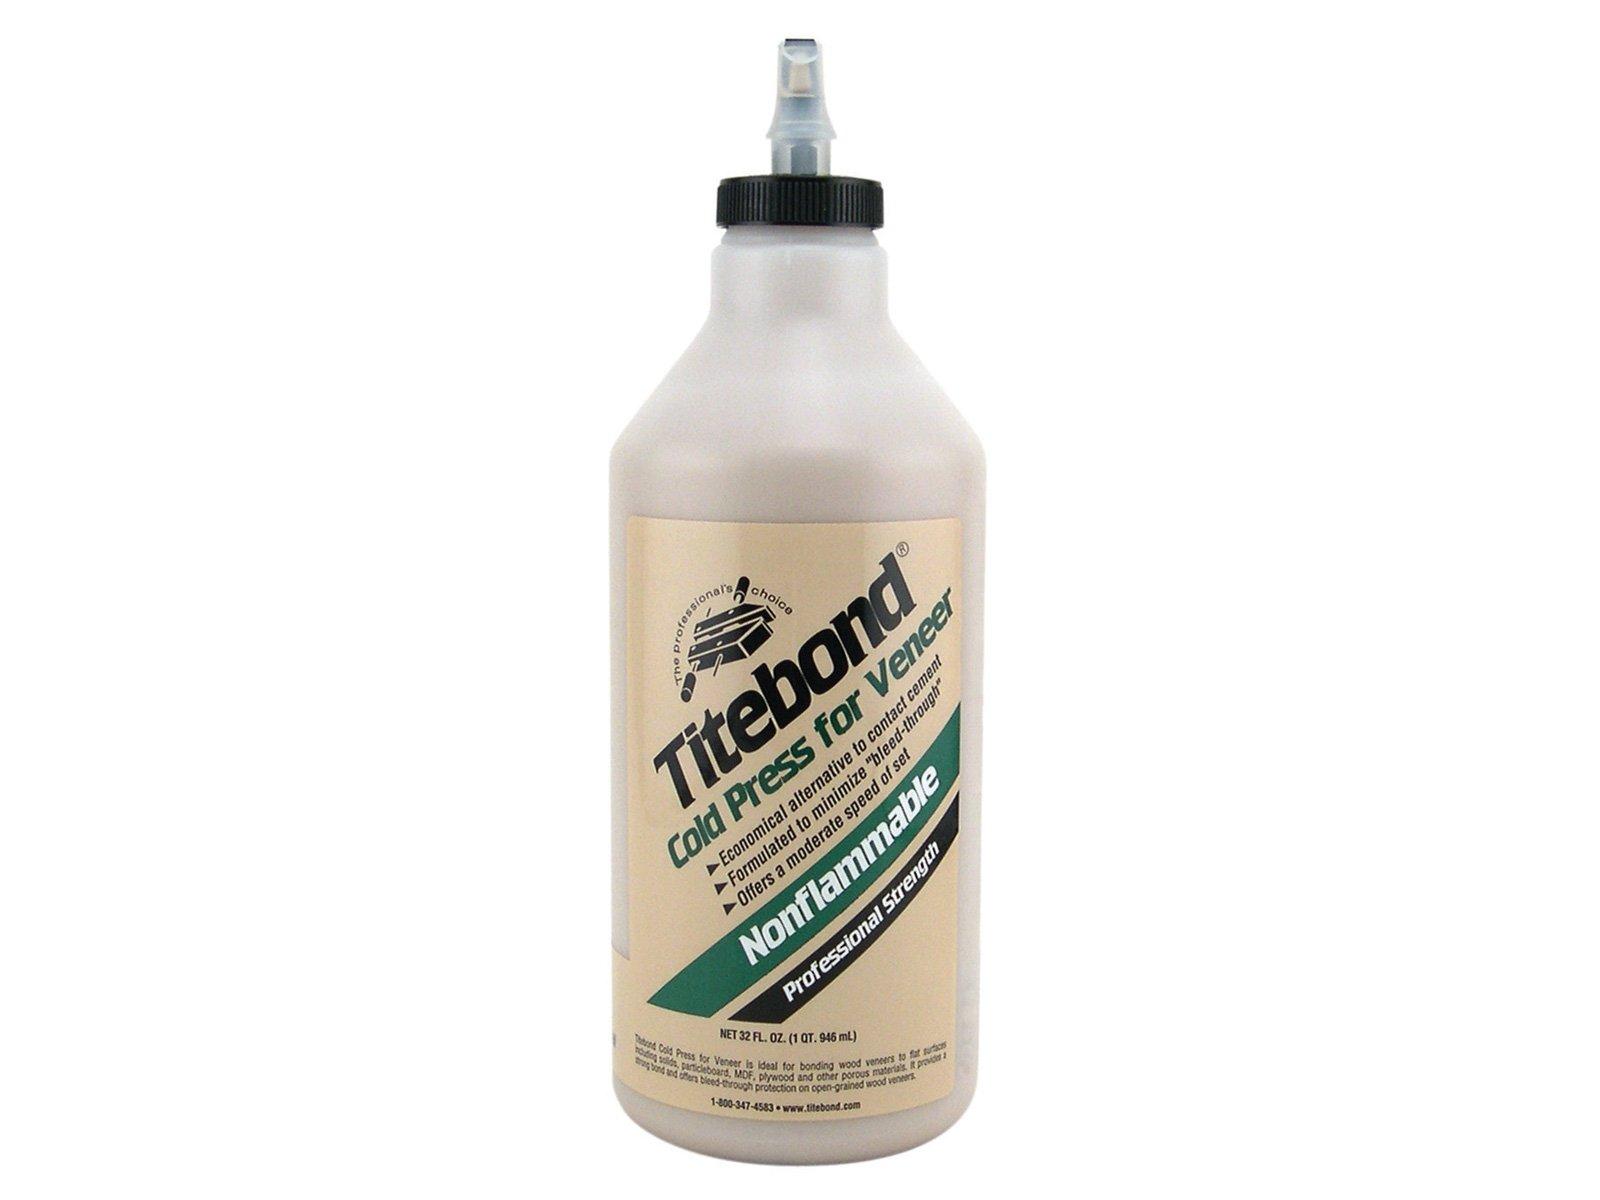 Franklin 5175 Titebond Cold Press Veneer Glue, 1 qt